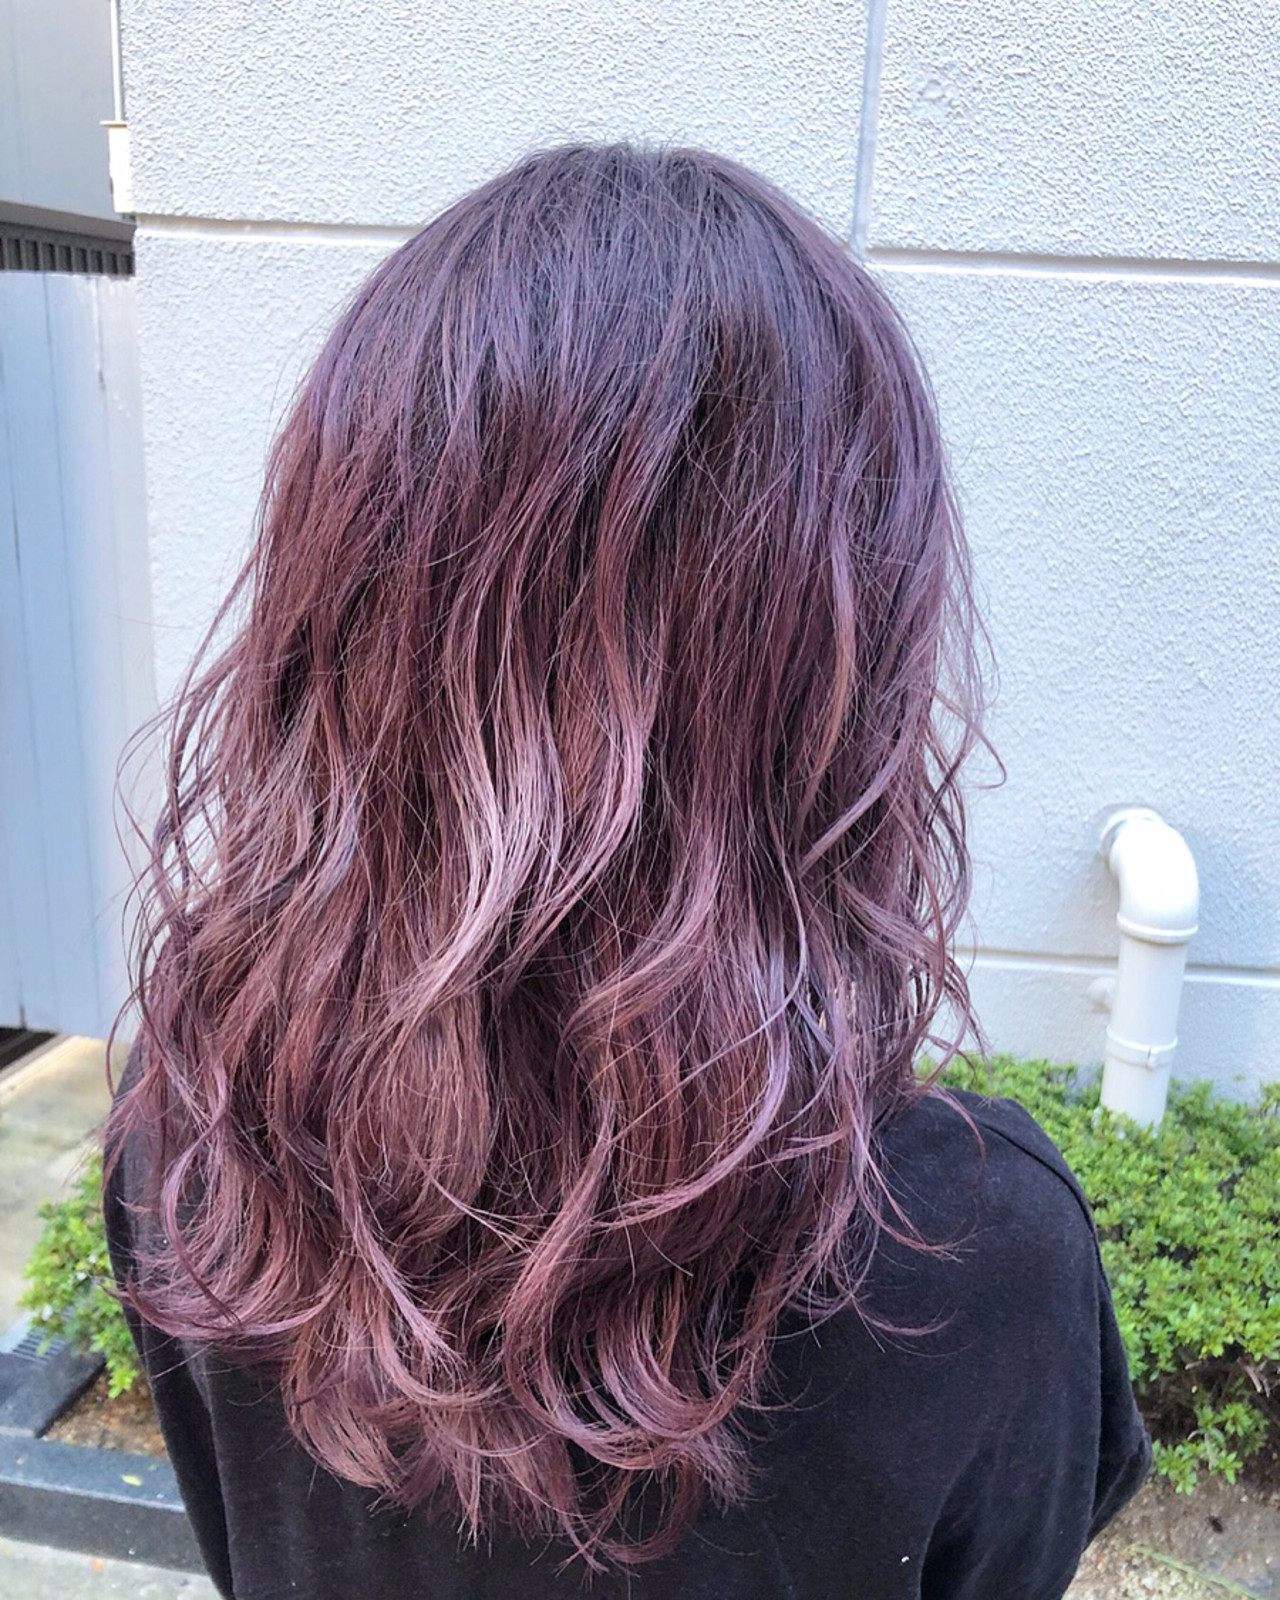 ピンクアッシュ ピンク ガーリー ラベンダーピンク ヘアスタイルや髪型の写真・画像 | 松田 光雄 / BLOCK